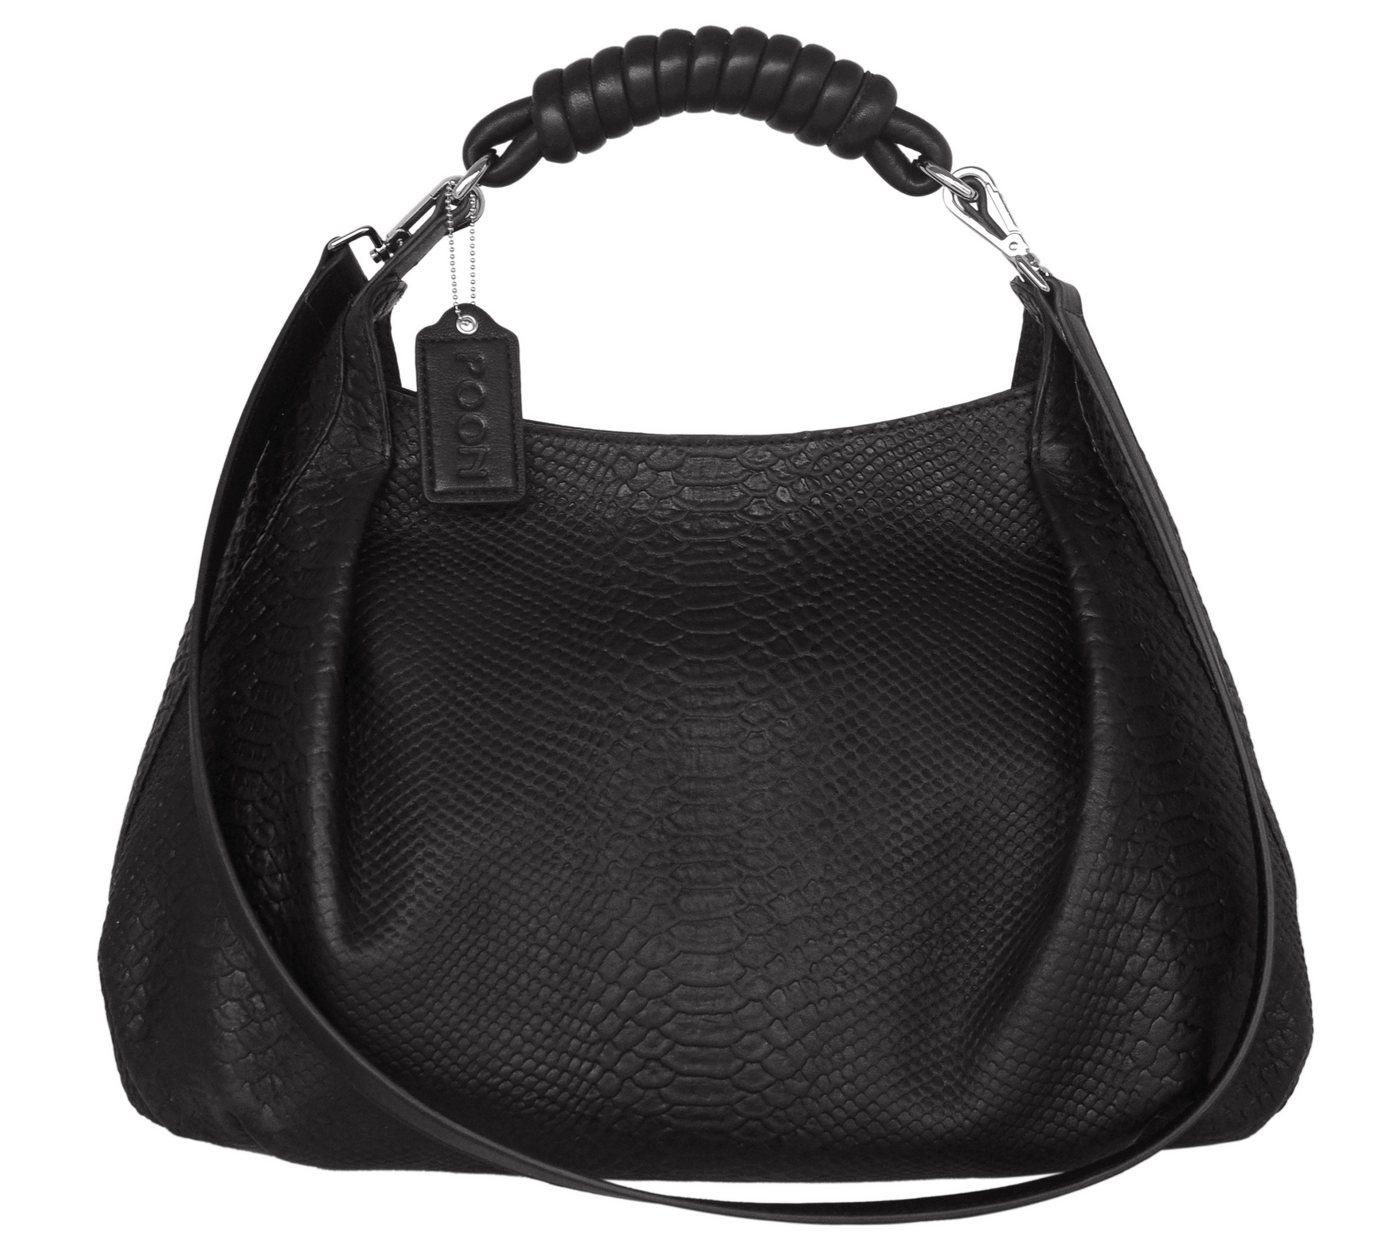 POON Switzerland Lederhandtasche in elegantem Design | Taschen > Handtaschen > Ledertaschen | Schwarz | Baumwolle | POON Switzerland